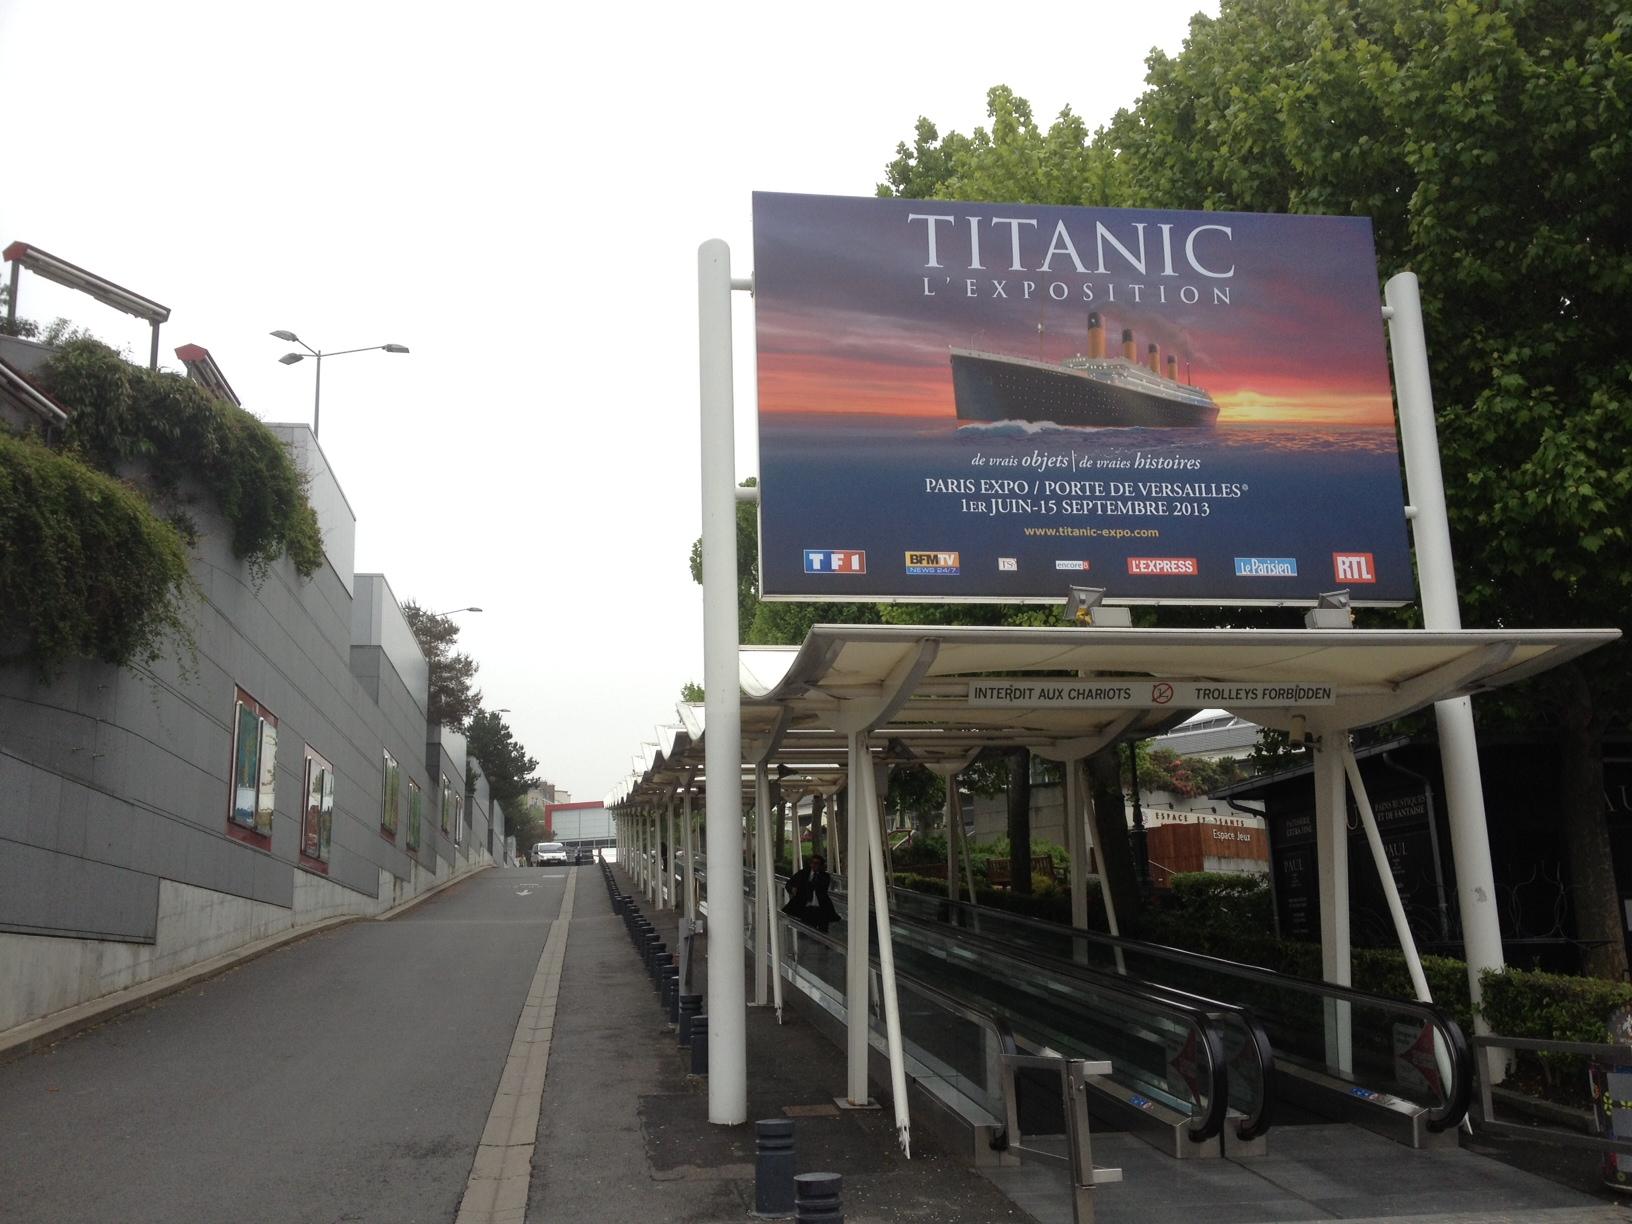 Le choc du titan solcito blog de voyage site d 39 vasion - Adresse paris expo porte de versailles ...